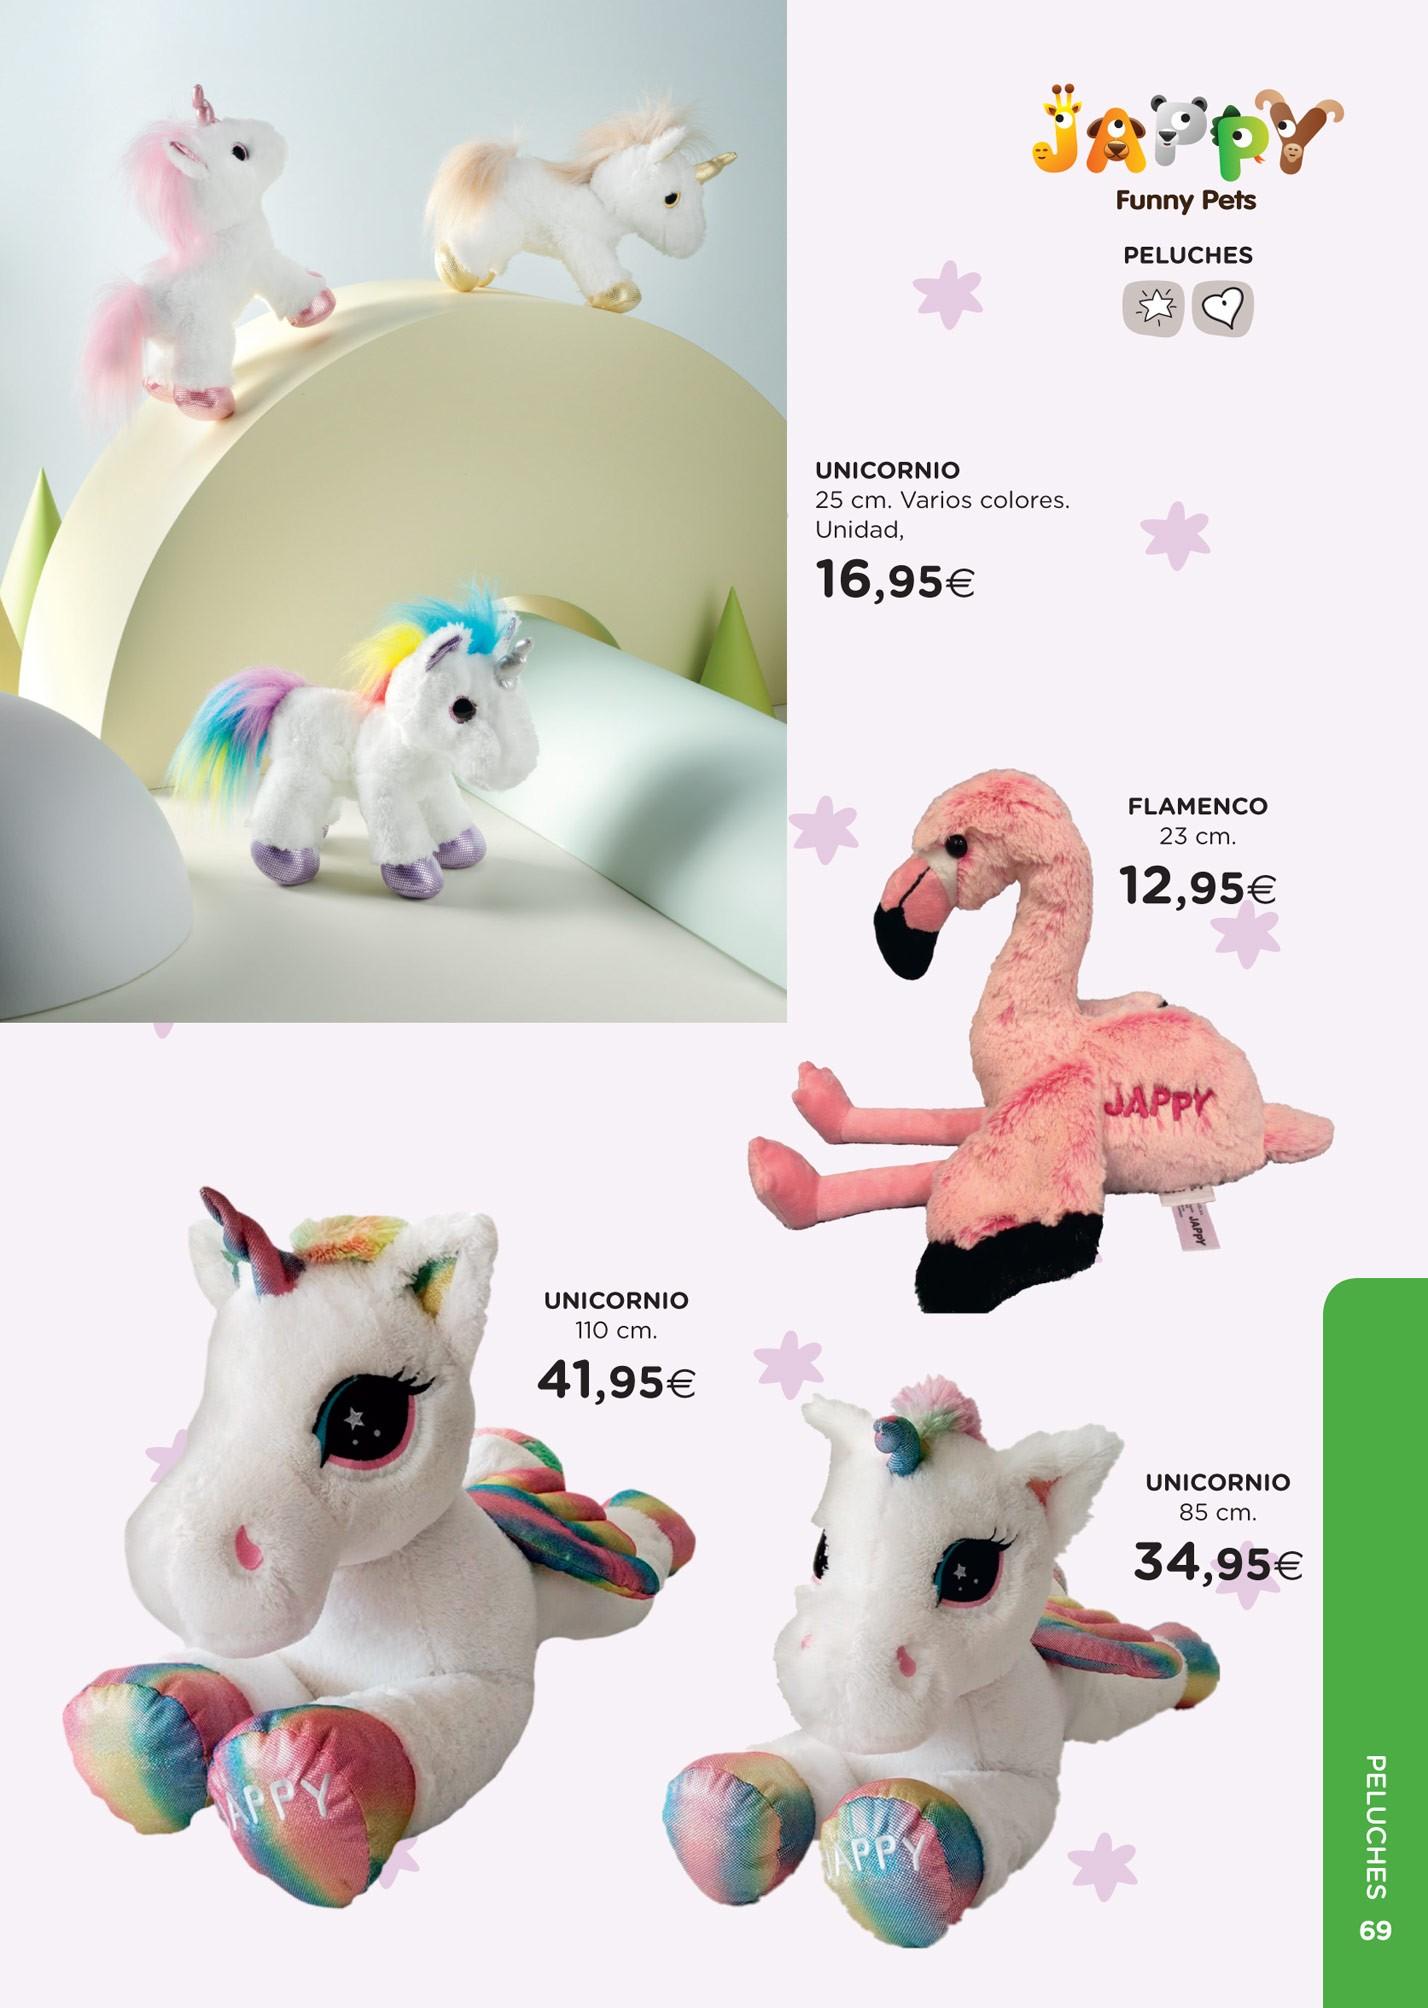 Para 2019 Imprimir He9di2 Medios Calendario Unicornio De OPn0kw8